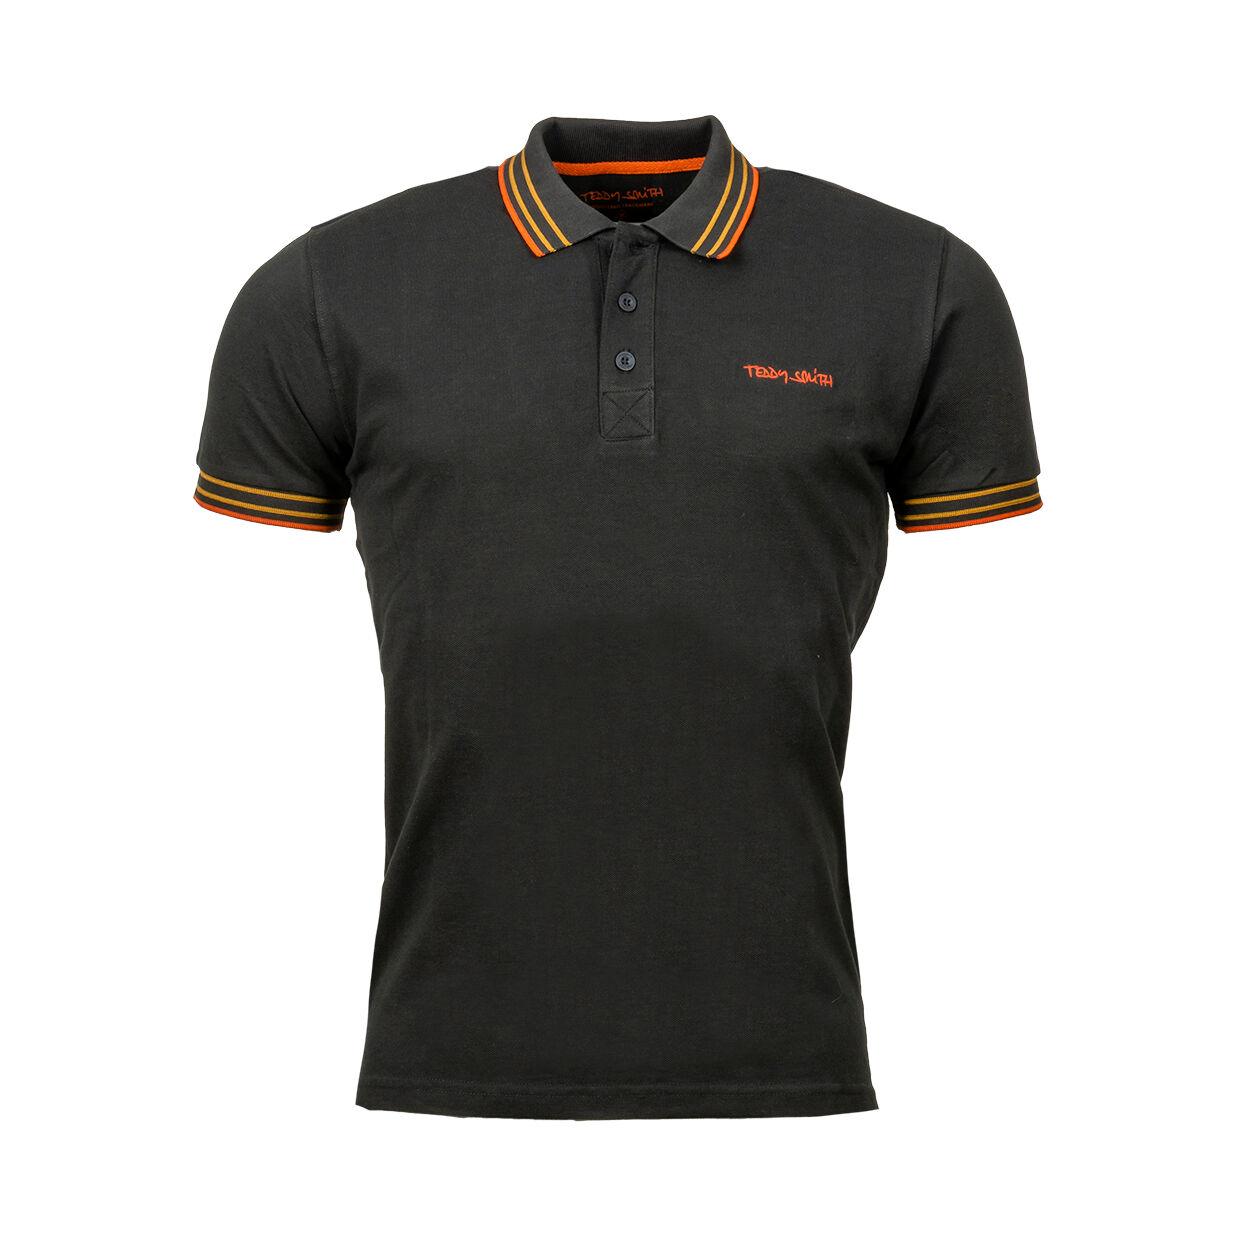 Teddy Smith Polo à manches courtes Teddy Smith Pasian en coton noir charbon à détails orange - Noir charbon - XXXL